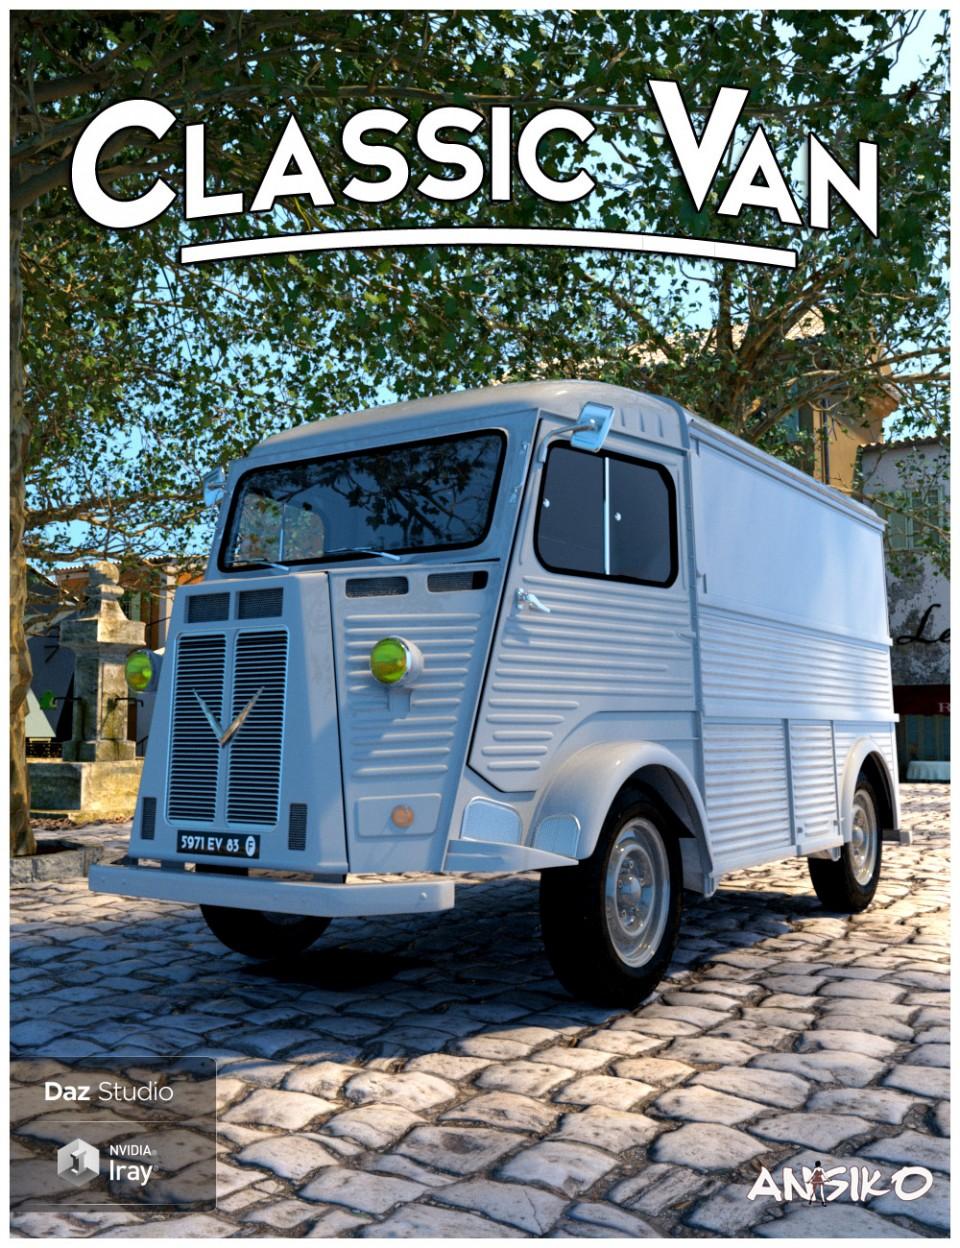 Classic Van and Props